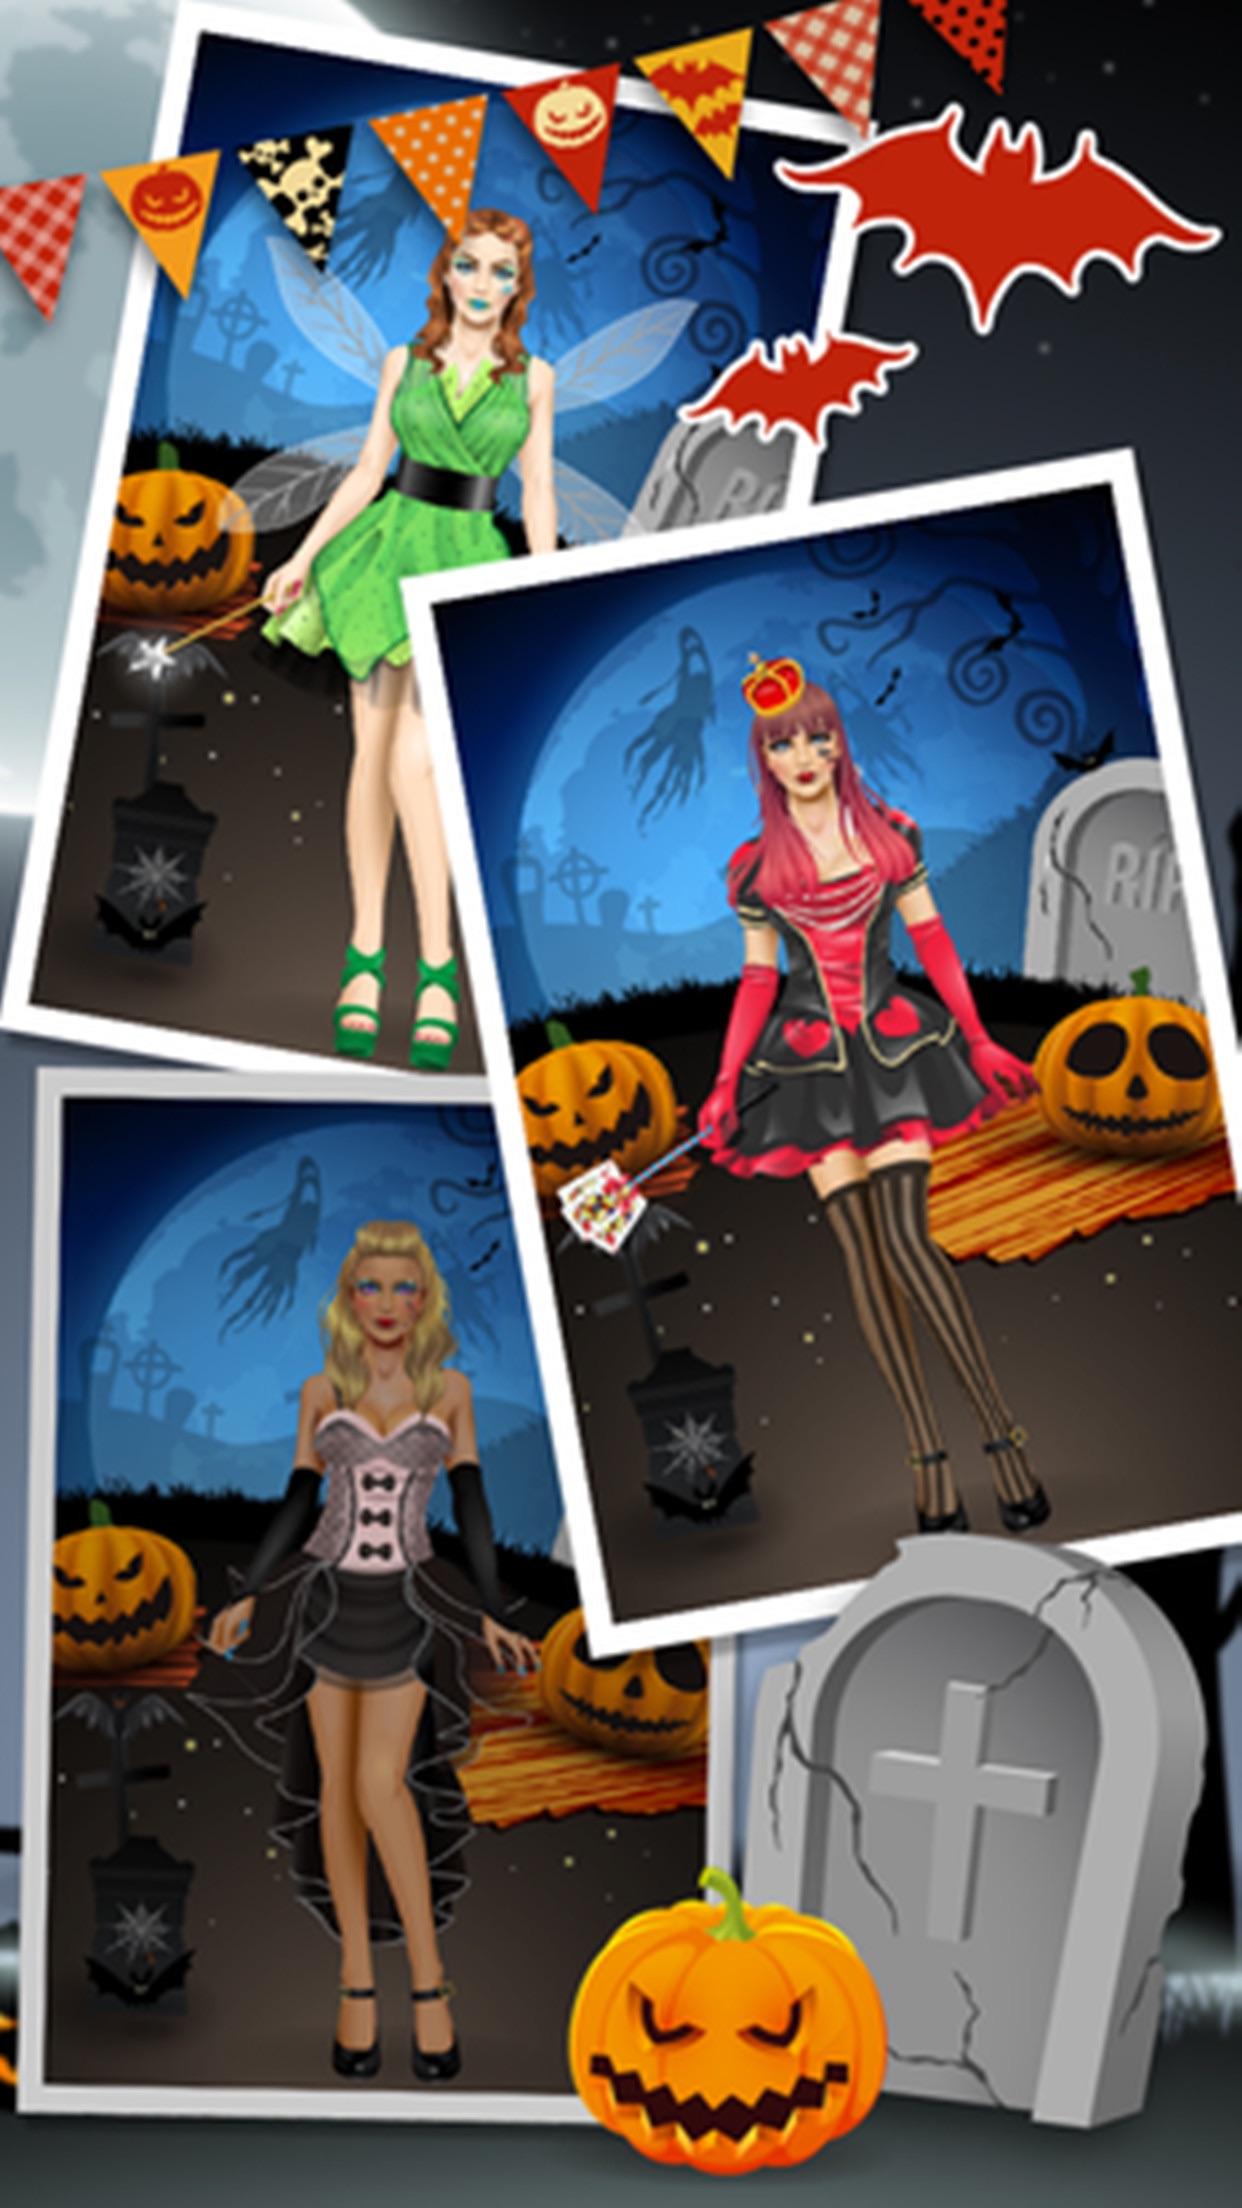 Halloween SPA, dress design - kids games Screenshot